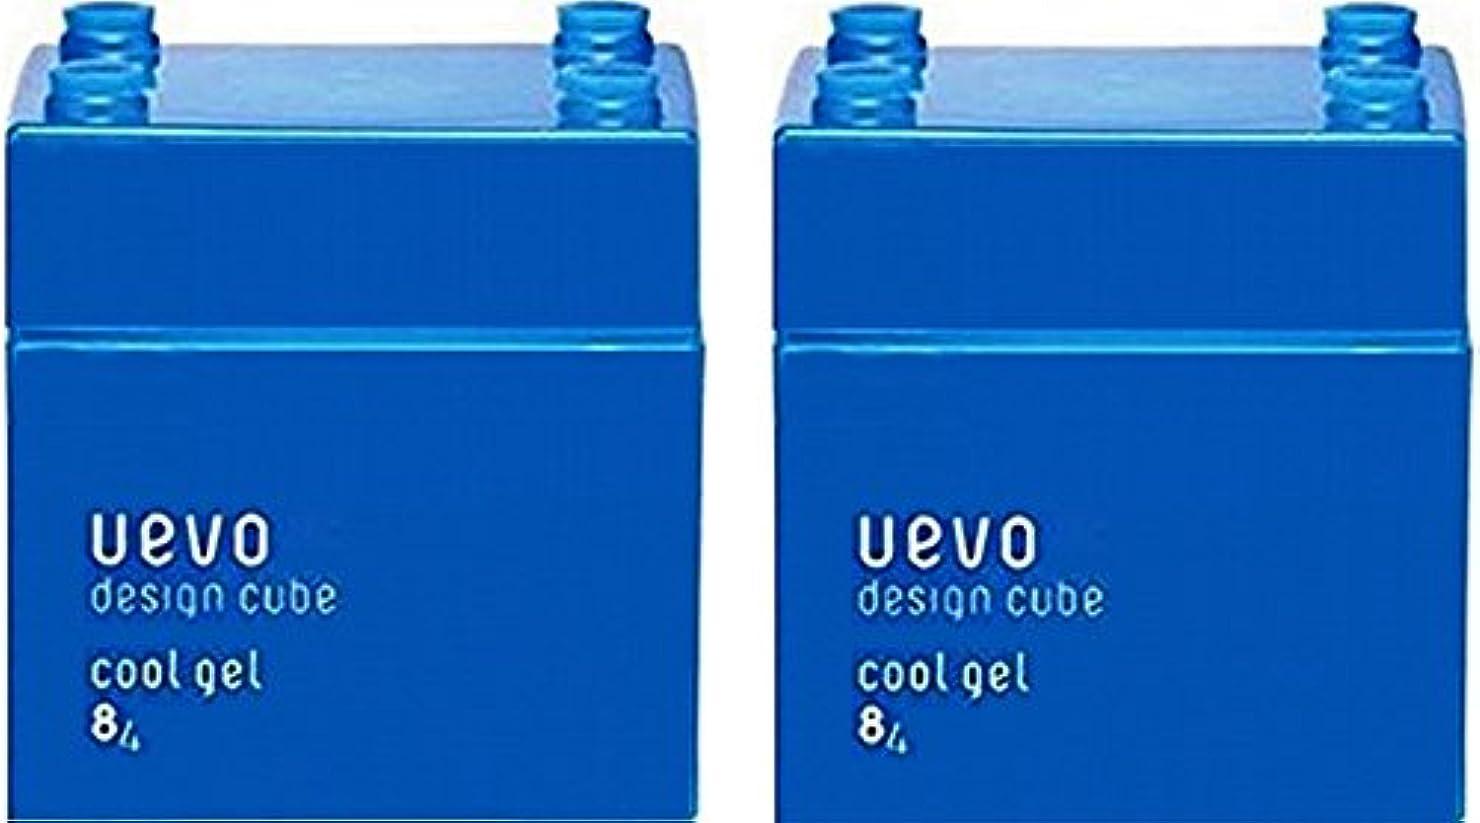 イブ委任する蛇行【X2個セット】 デミ ウェーボ デザインキューブ クールジェル 80g cool gel DEMI uevo design cube